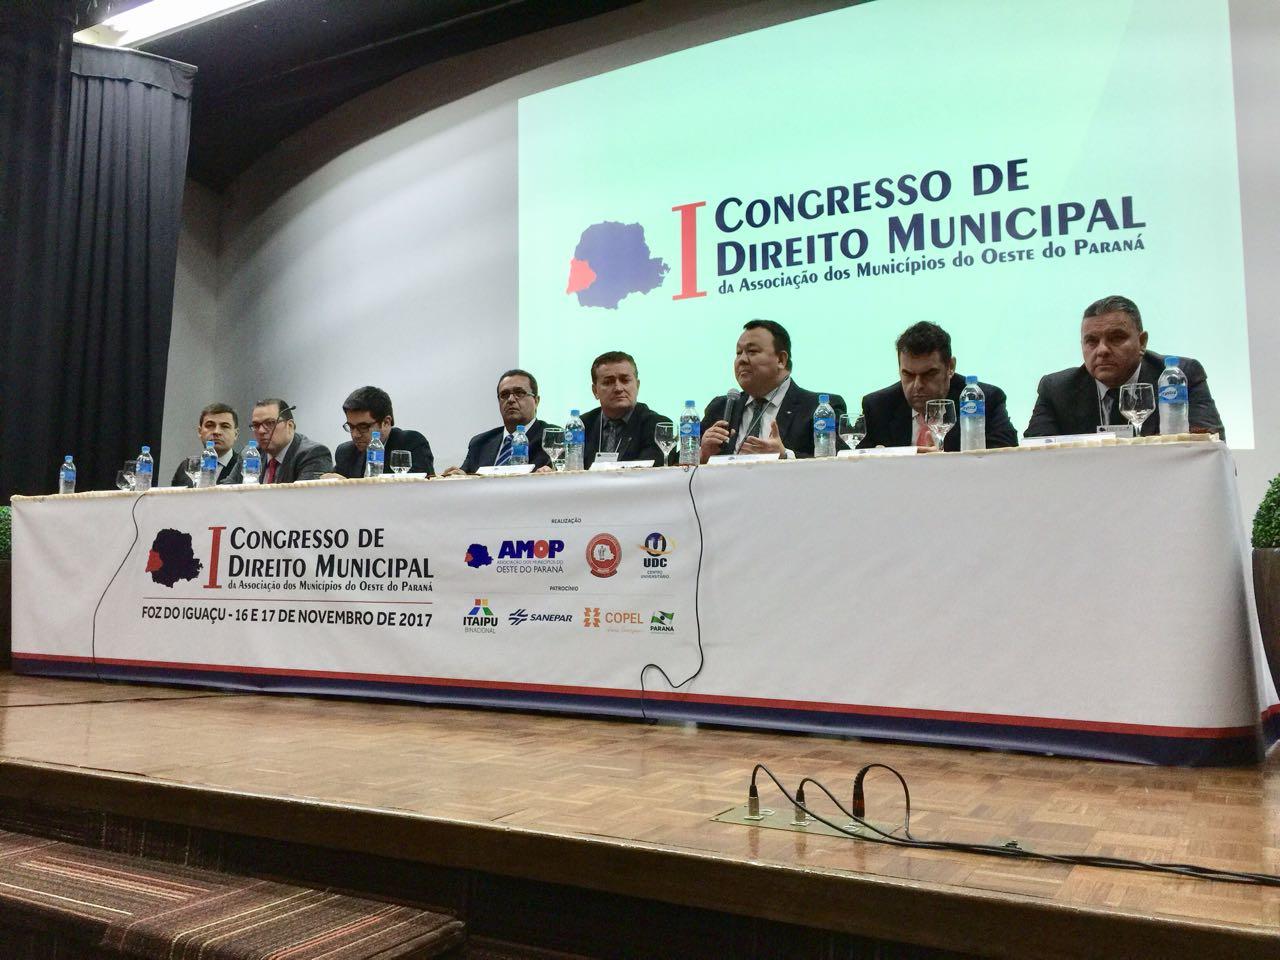 Magistrados ressaltam a importância de debater a administração pública durante encontro em Foz